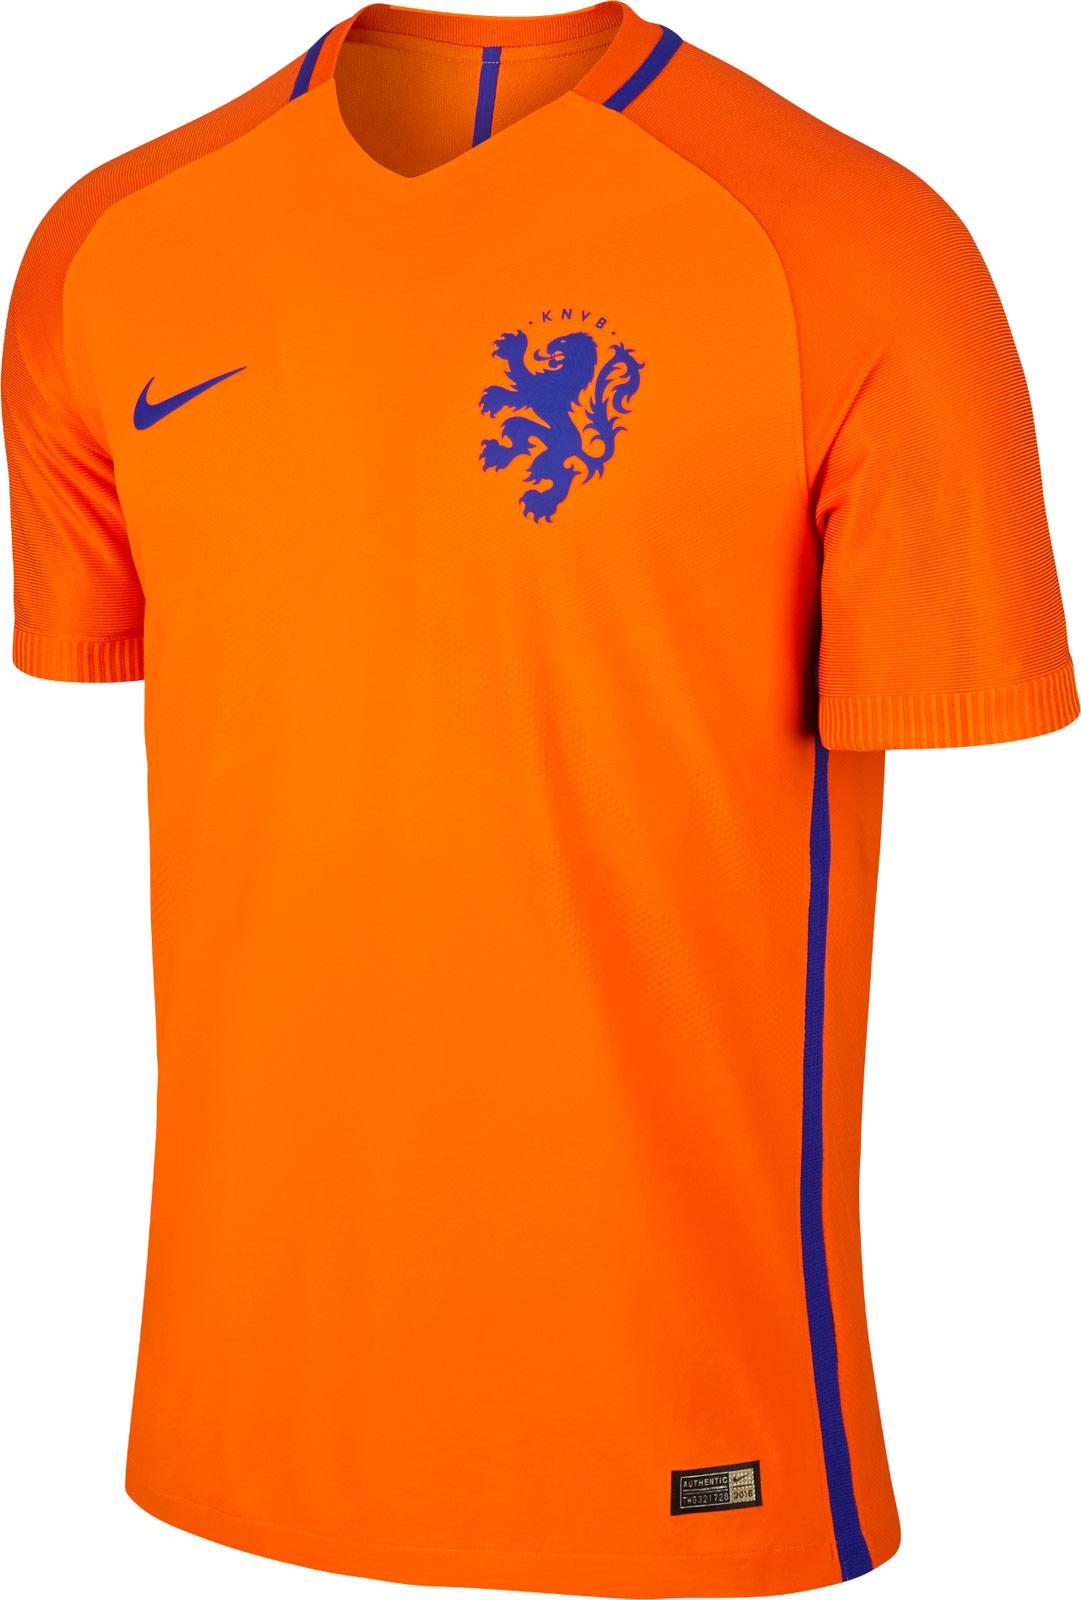 Niederlande Trikot